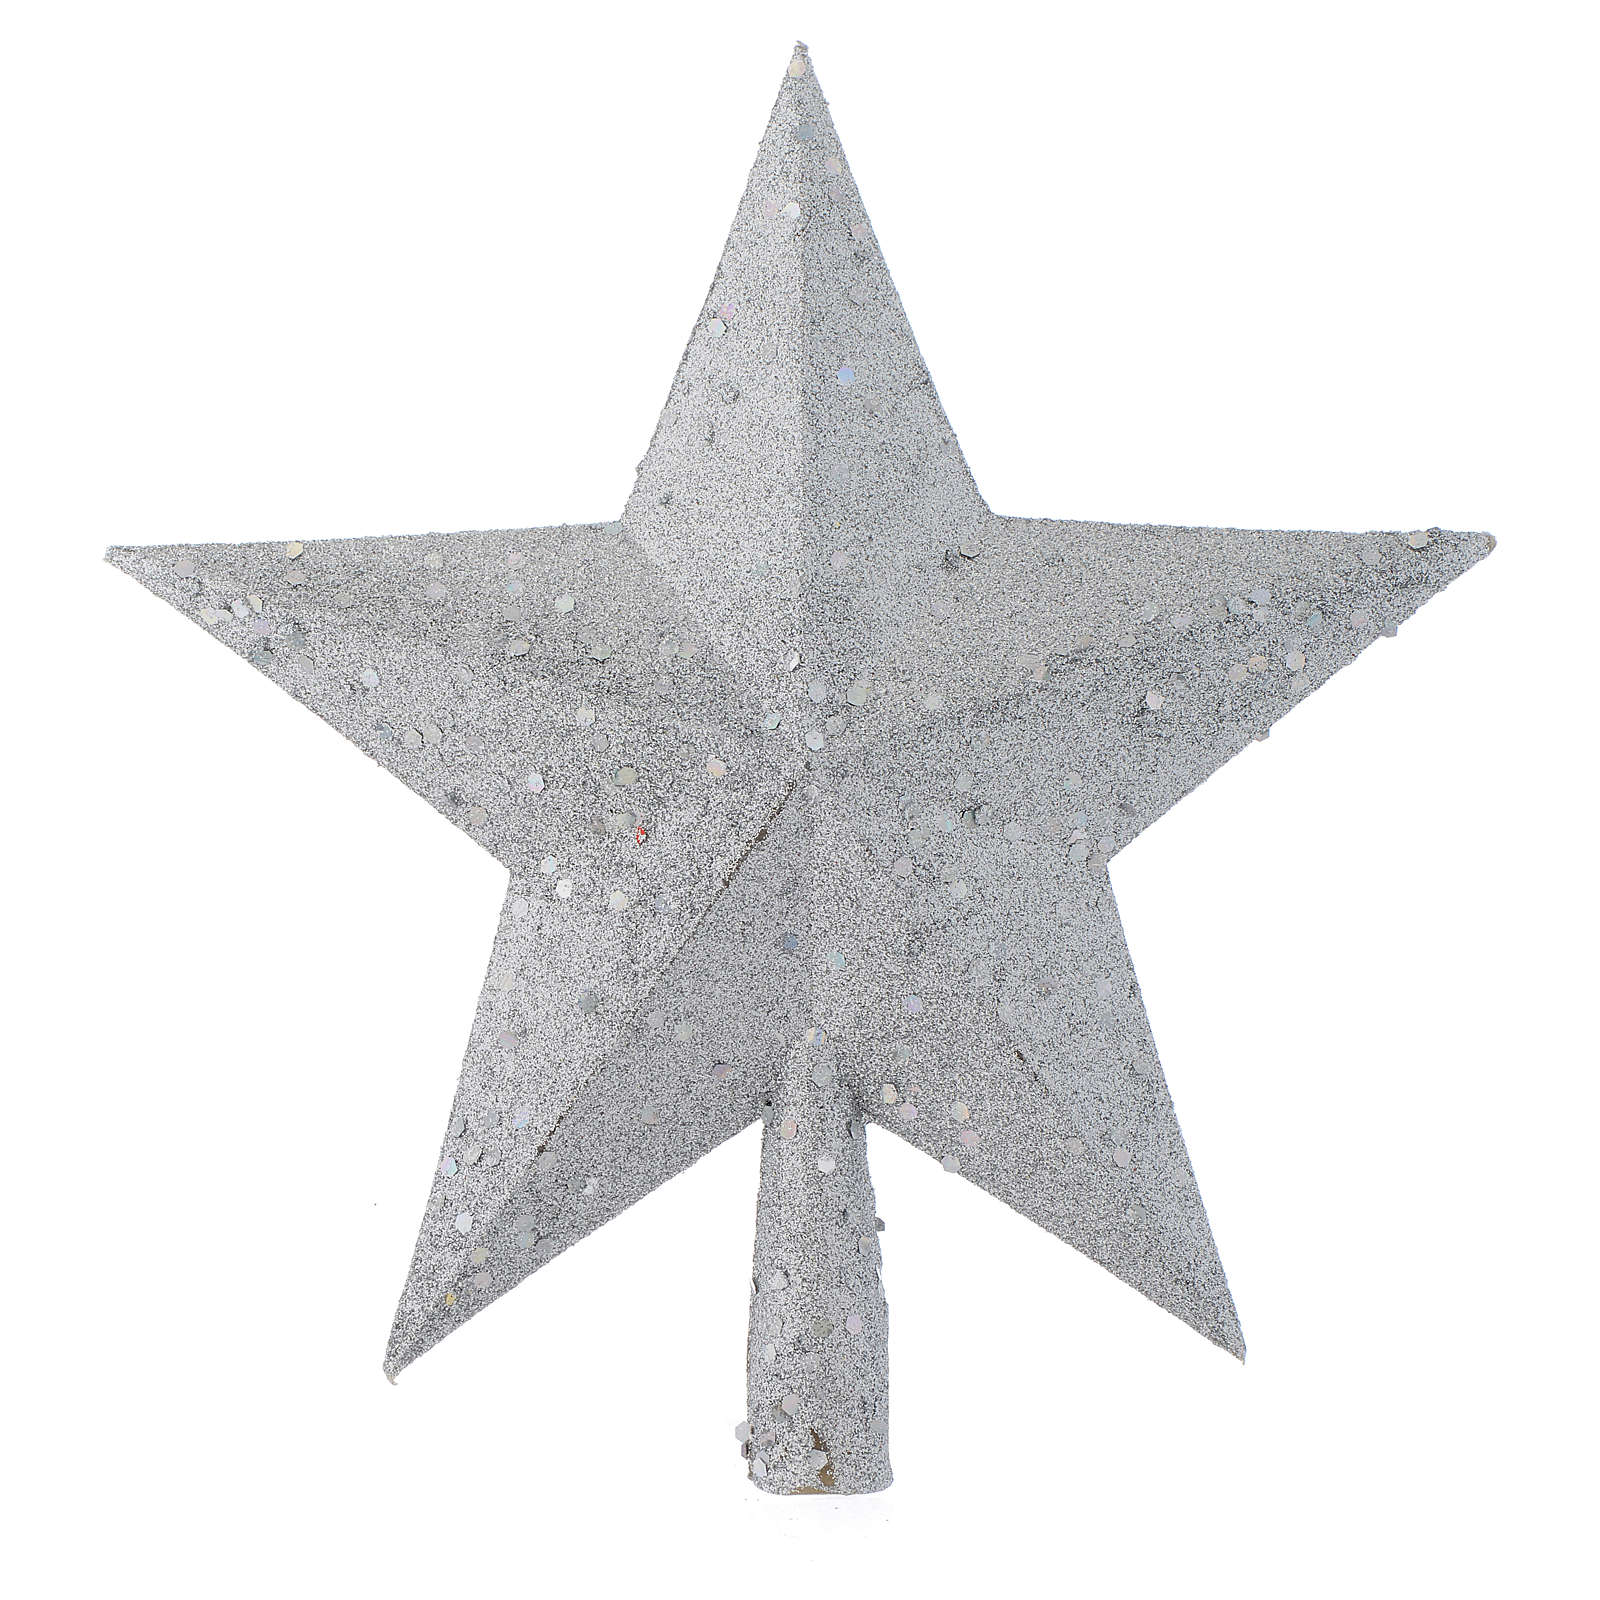 Spitze Für Tannenbaum.Tannenbaum Spitze Stern Form Mit Glitter Silber